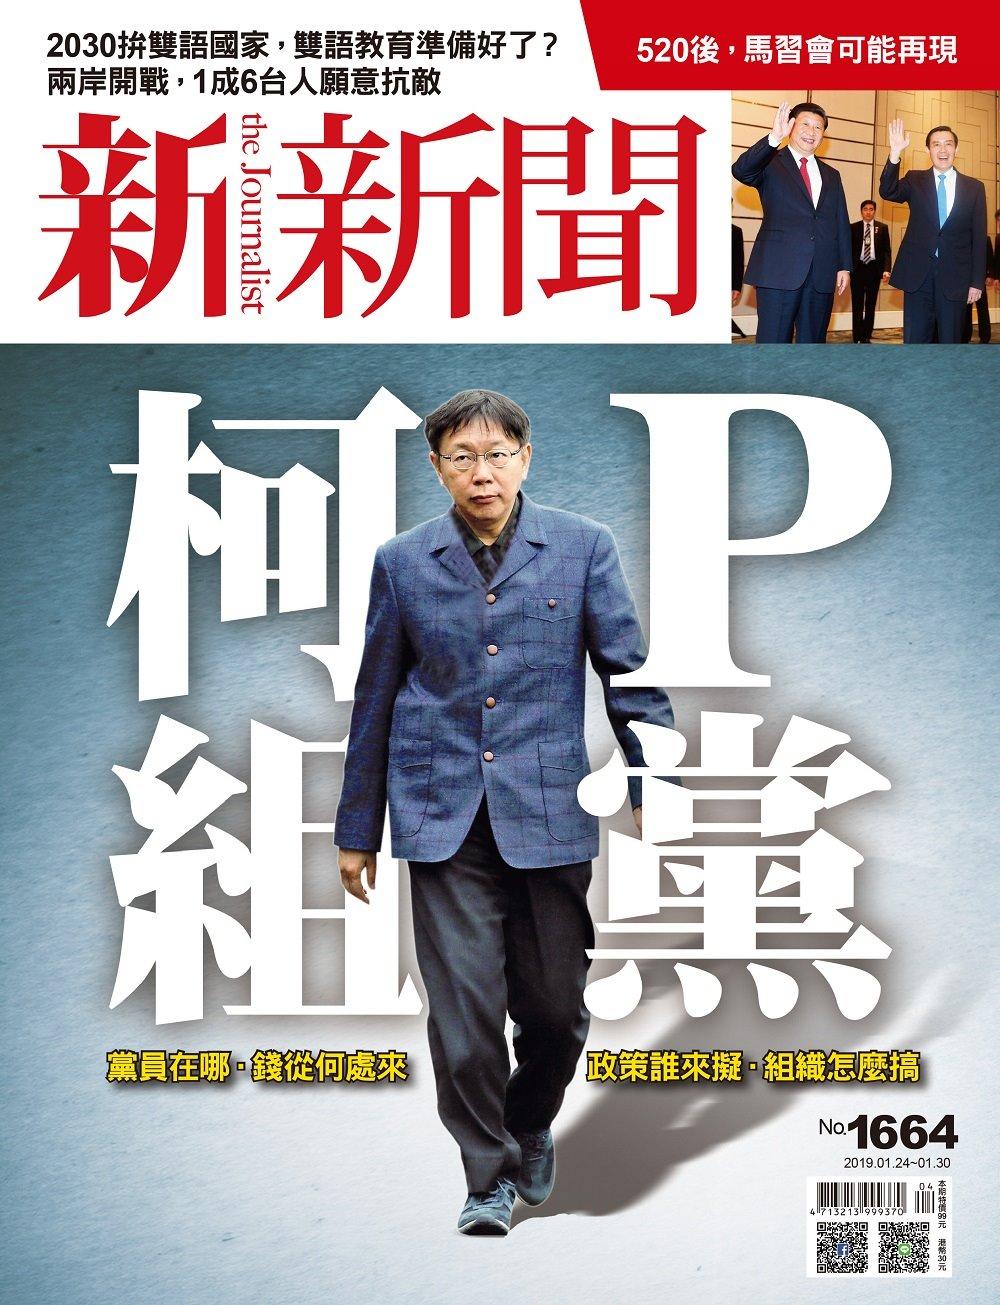 新新聞 2019/1/24第1664期